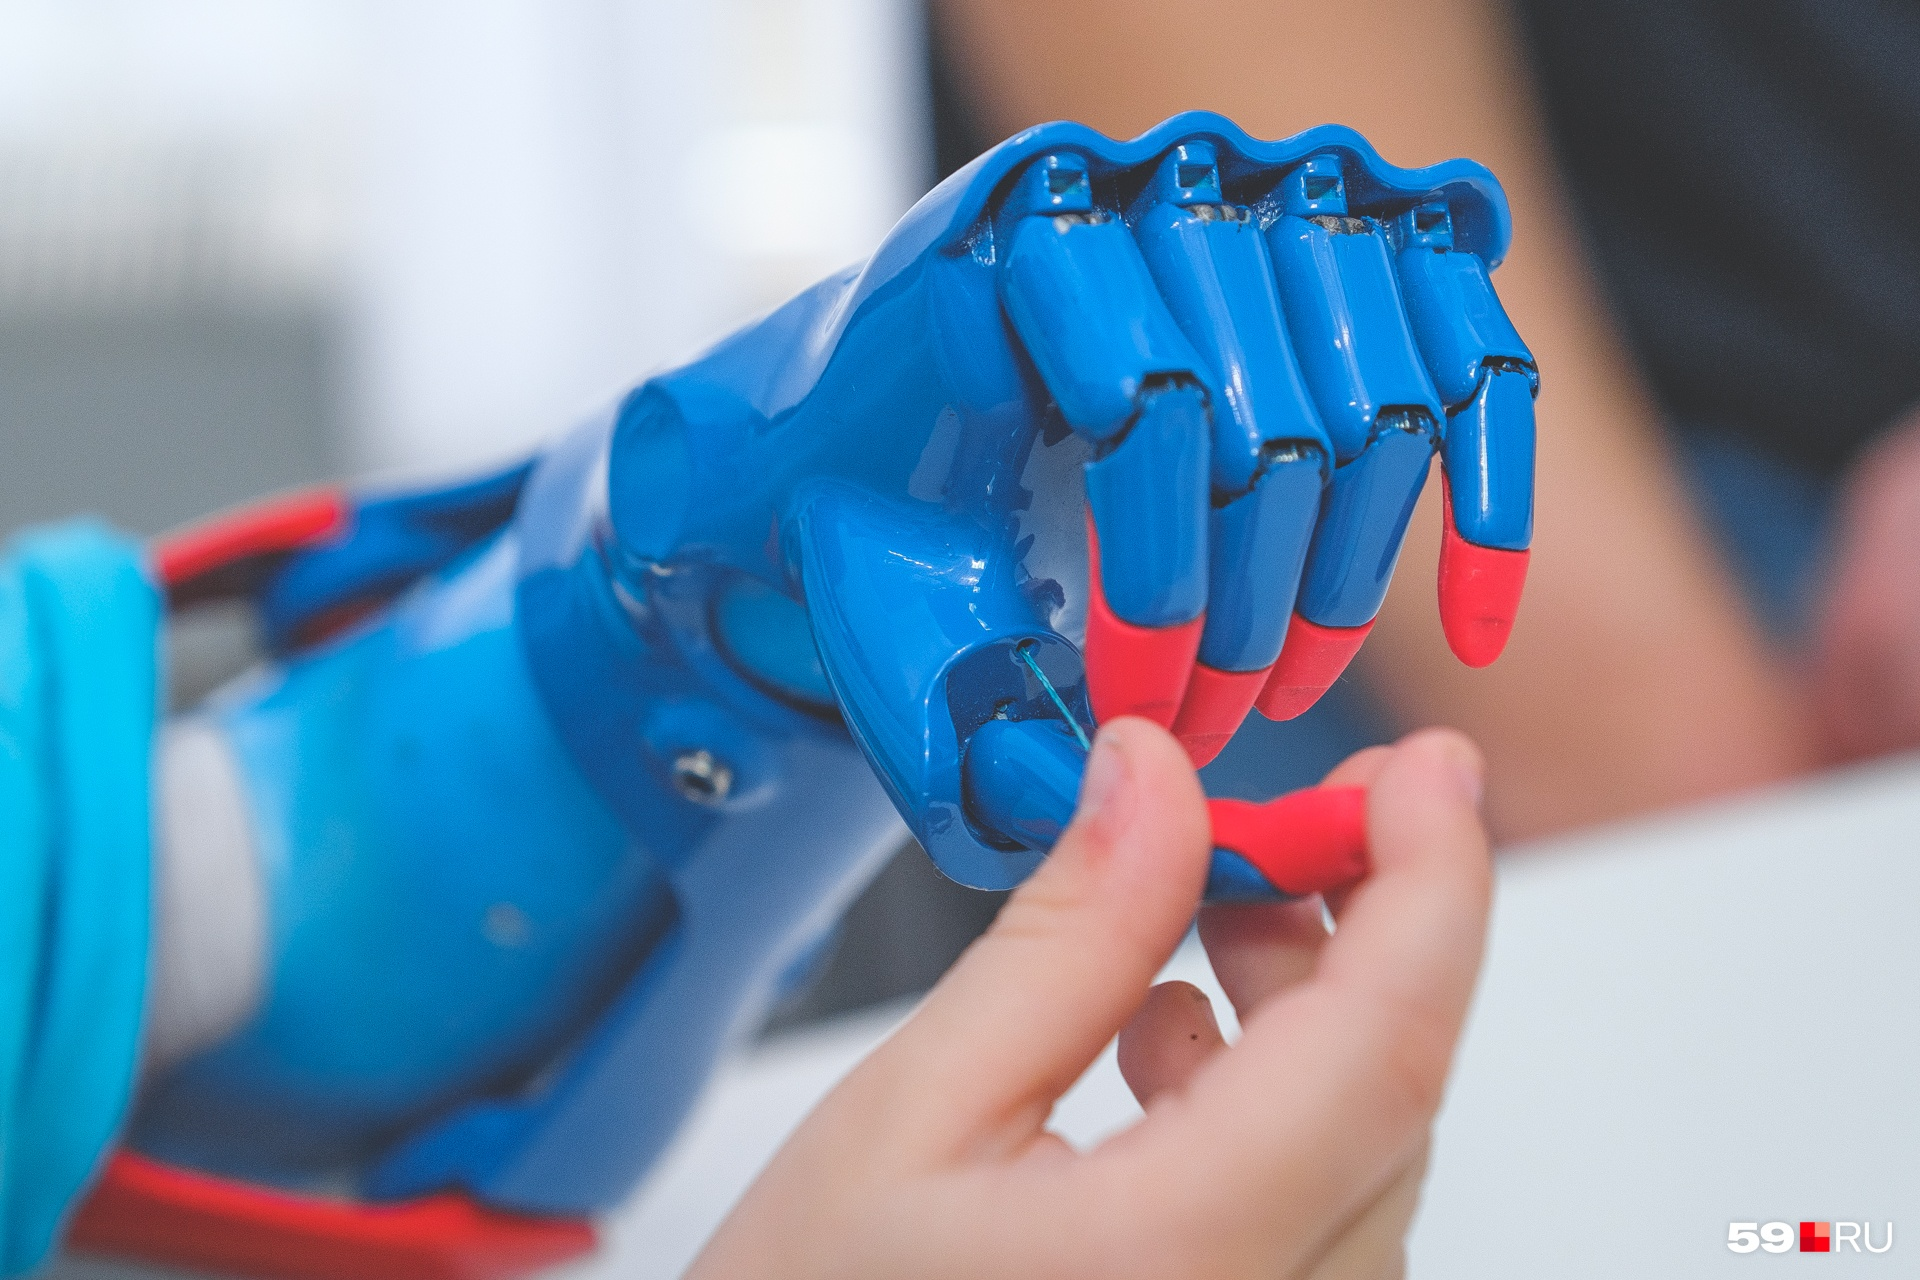 Кончики пальцев сделаны из силикона, чтобы предметы лучше держались в руке